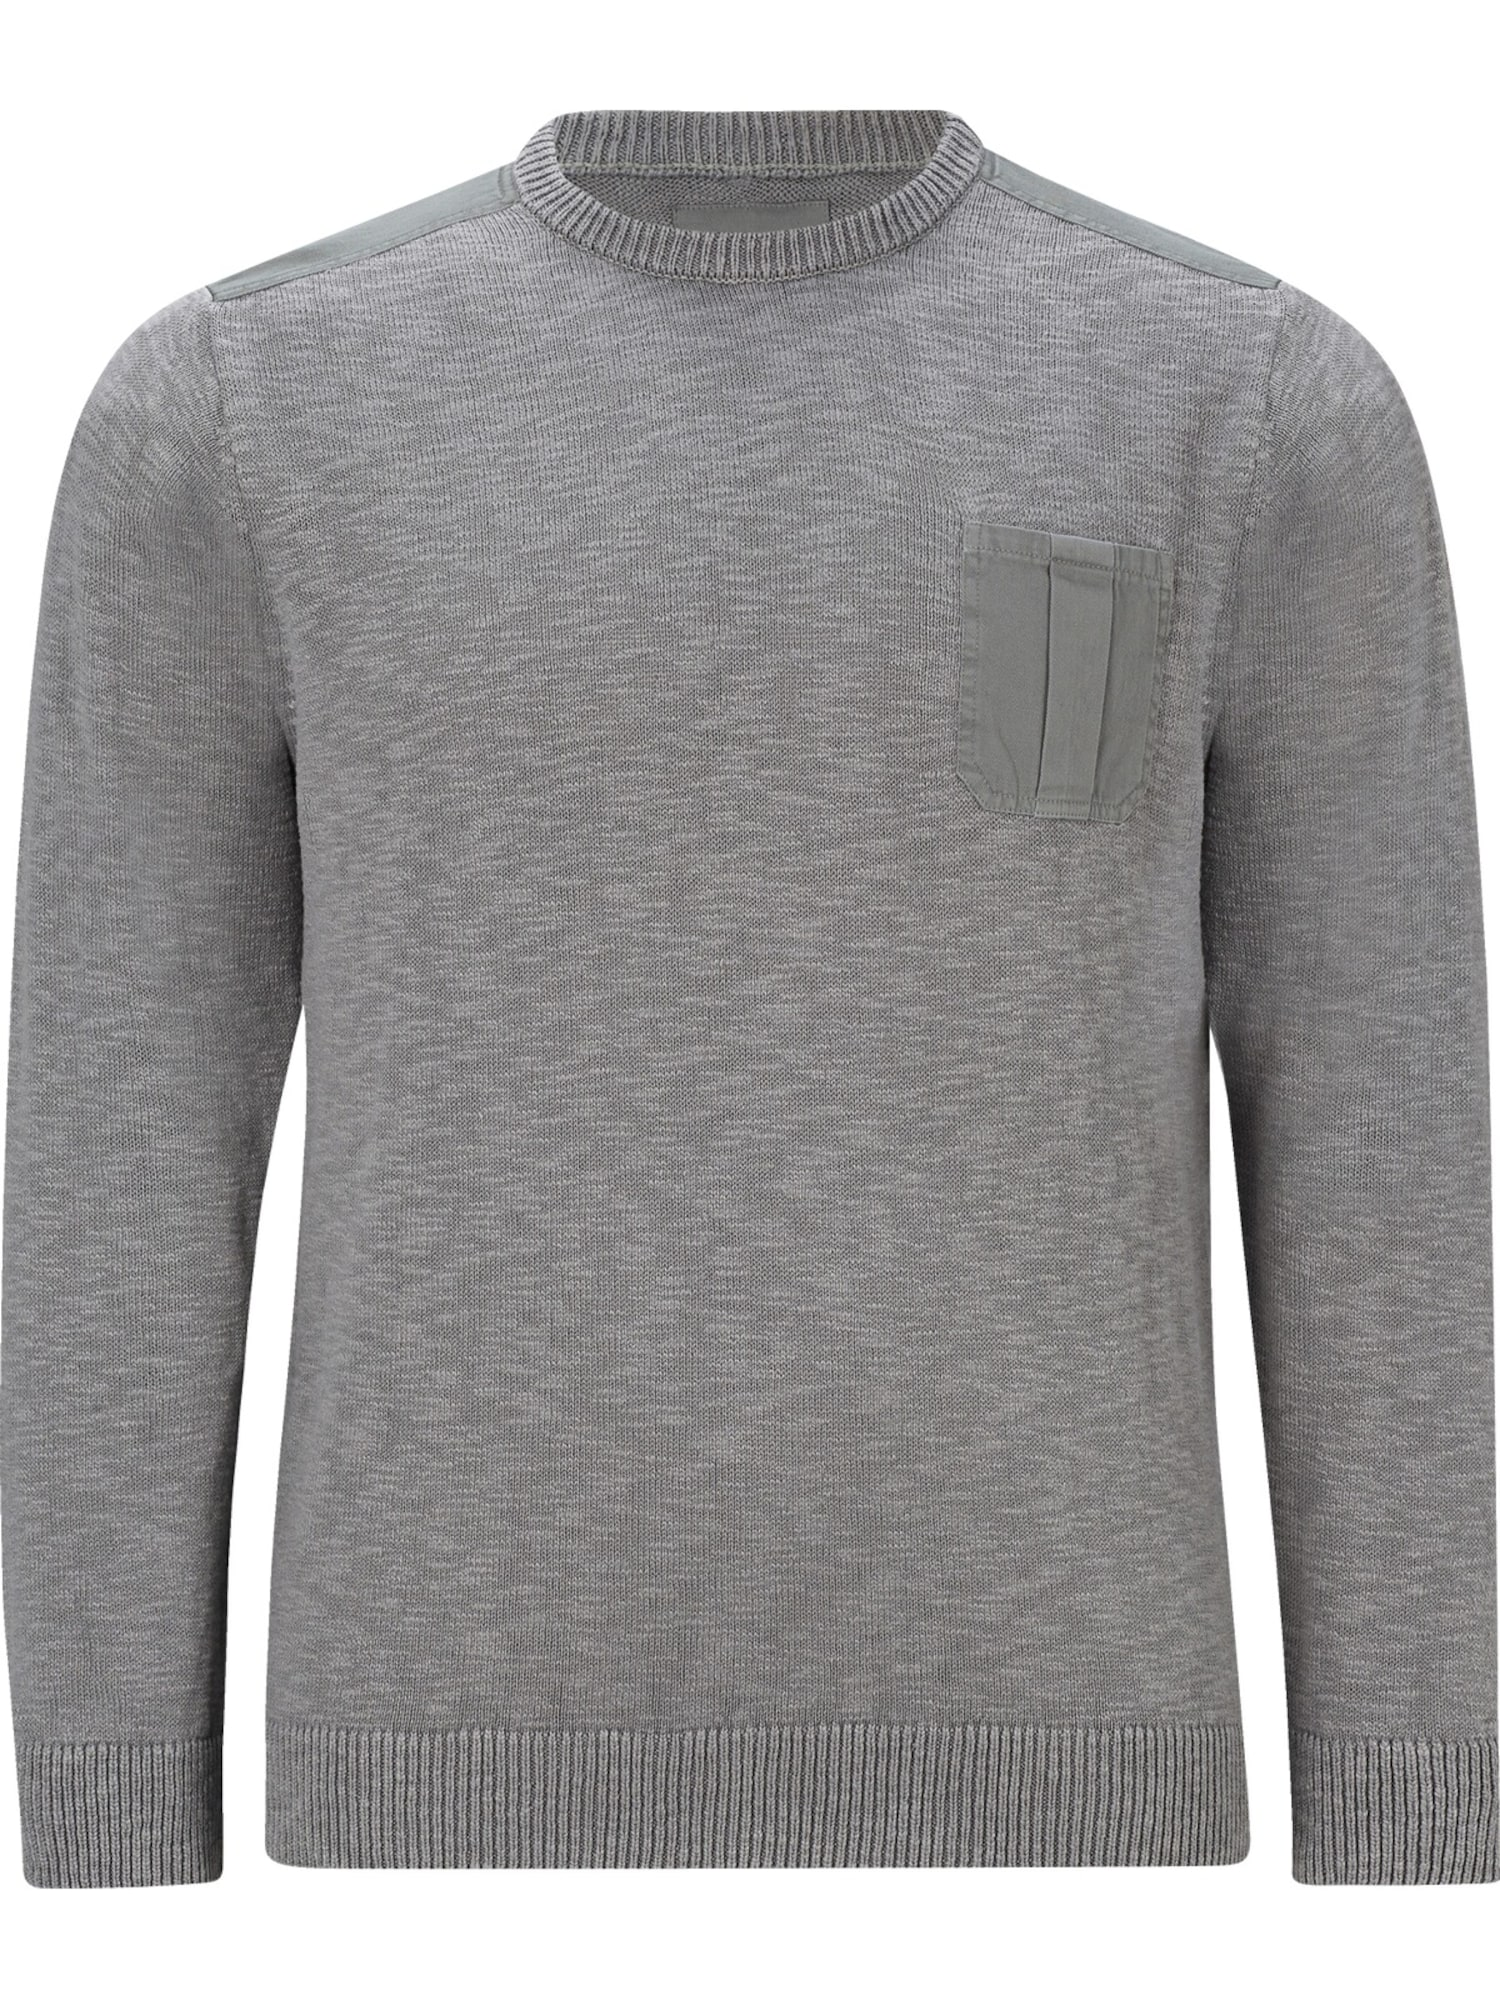 Pullover ' Anathon ' | Bekleidung > Pullover | jan vanderstorm